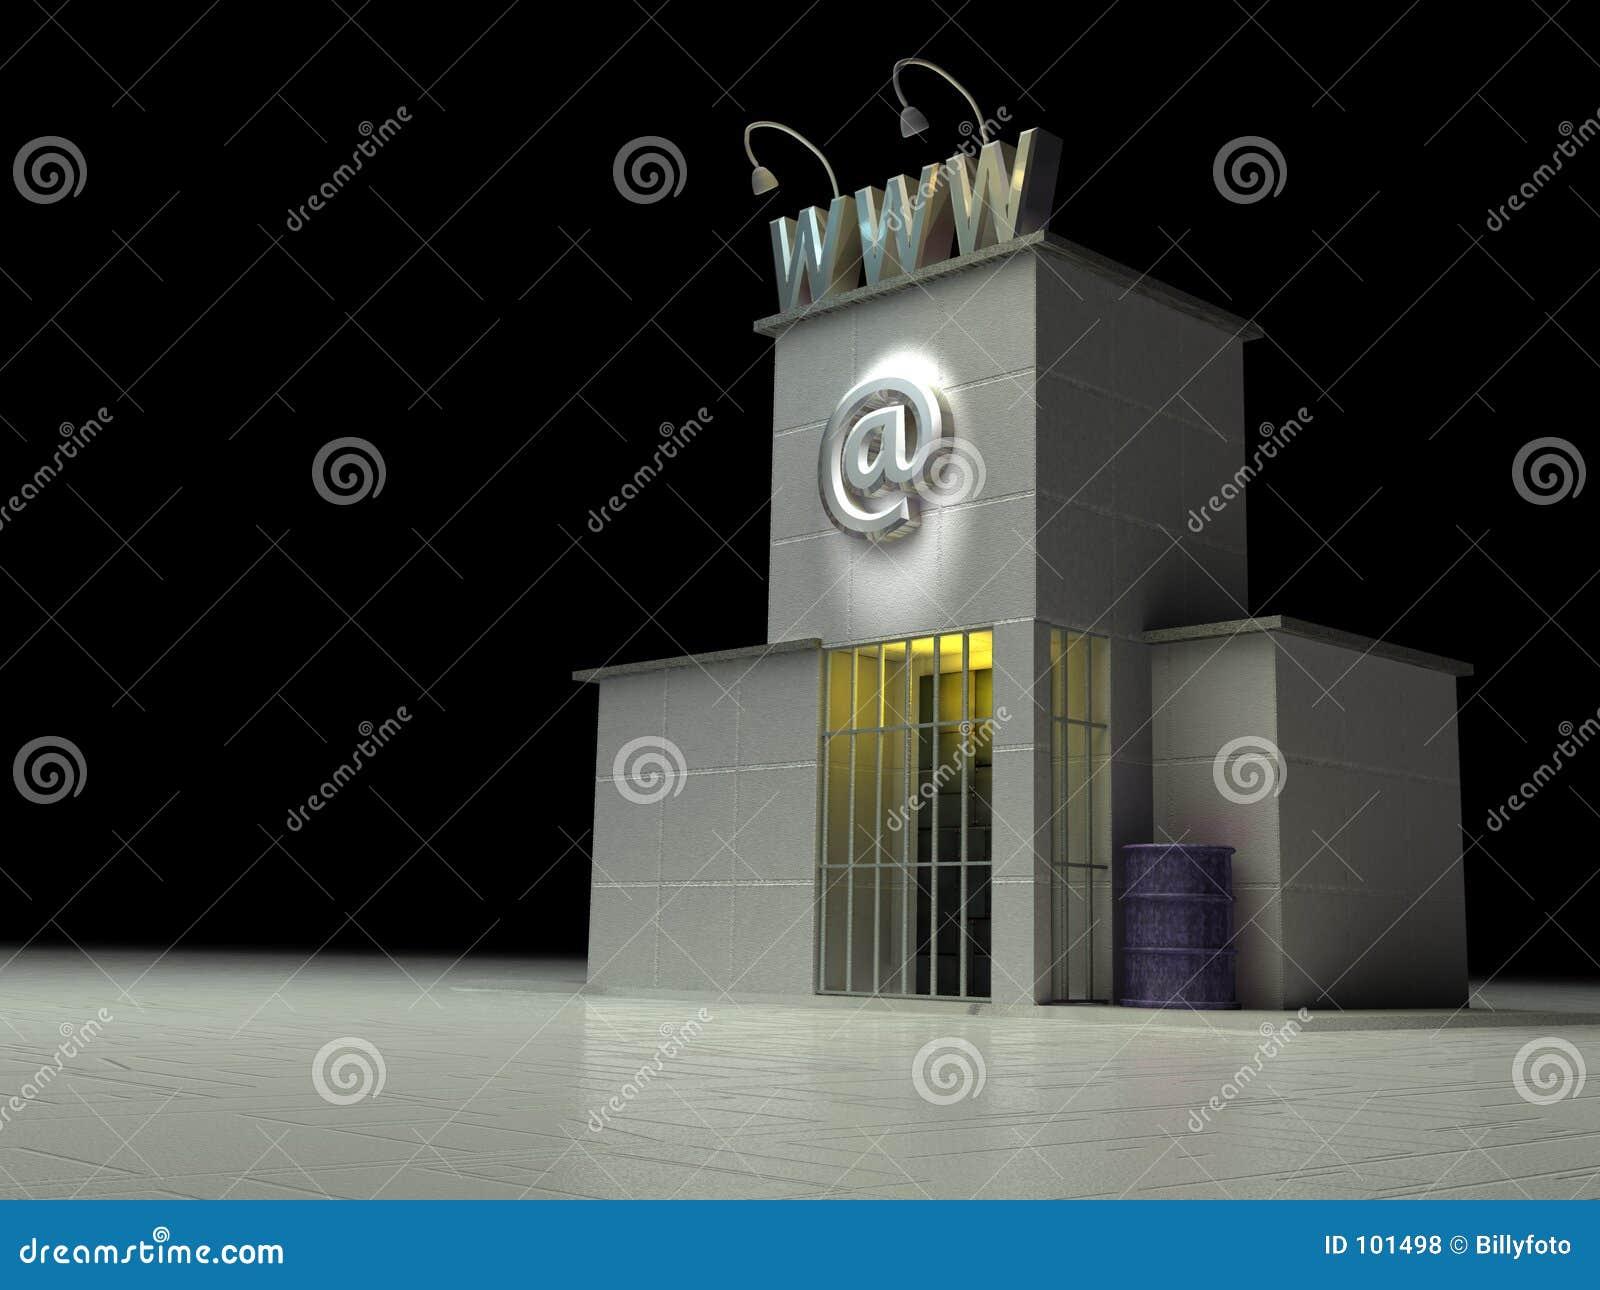 Www jail 2